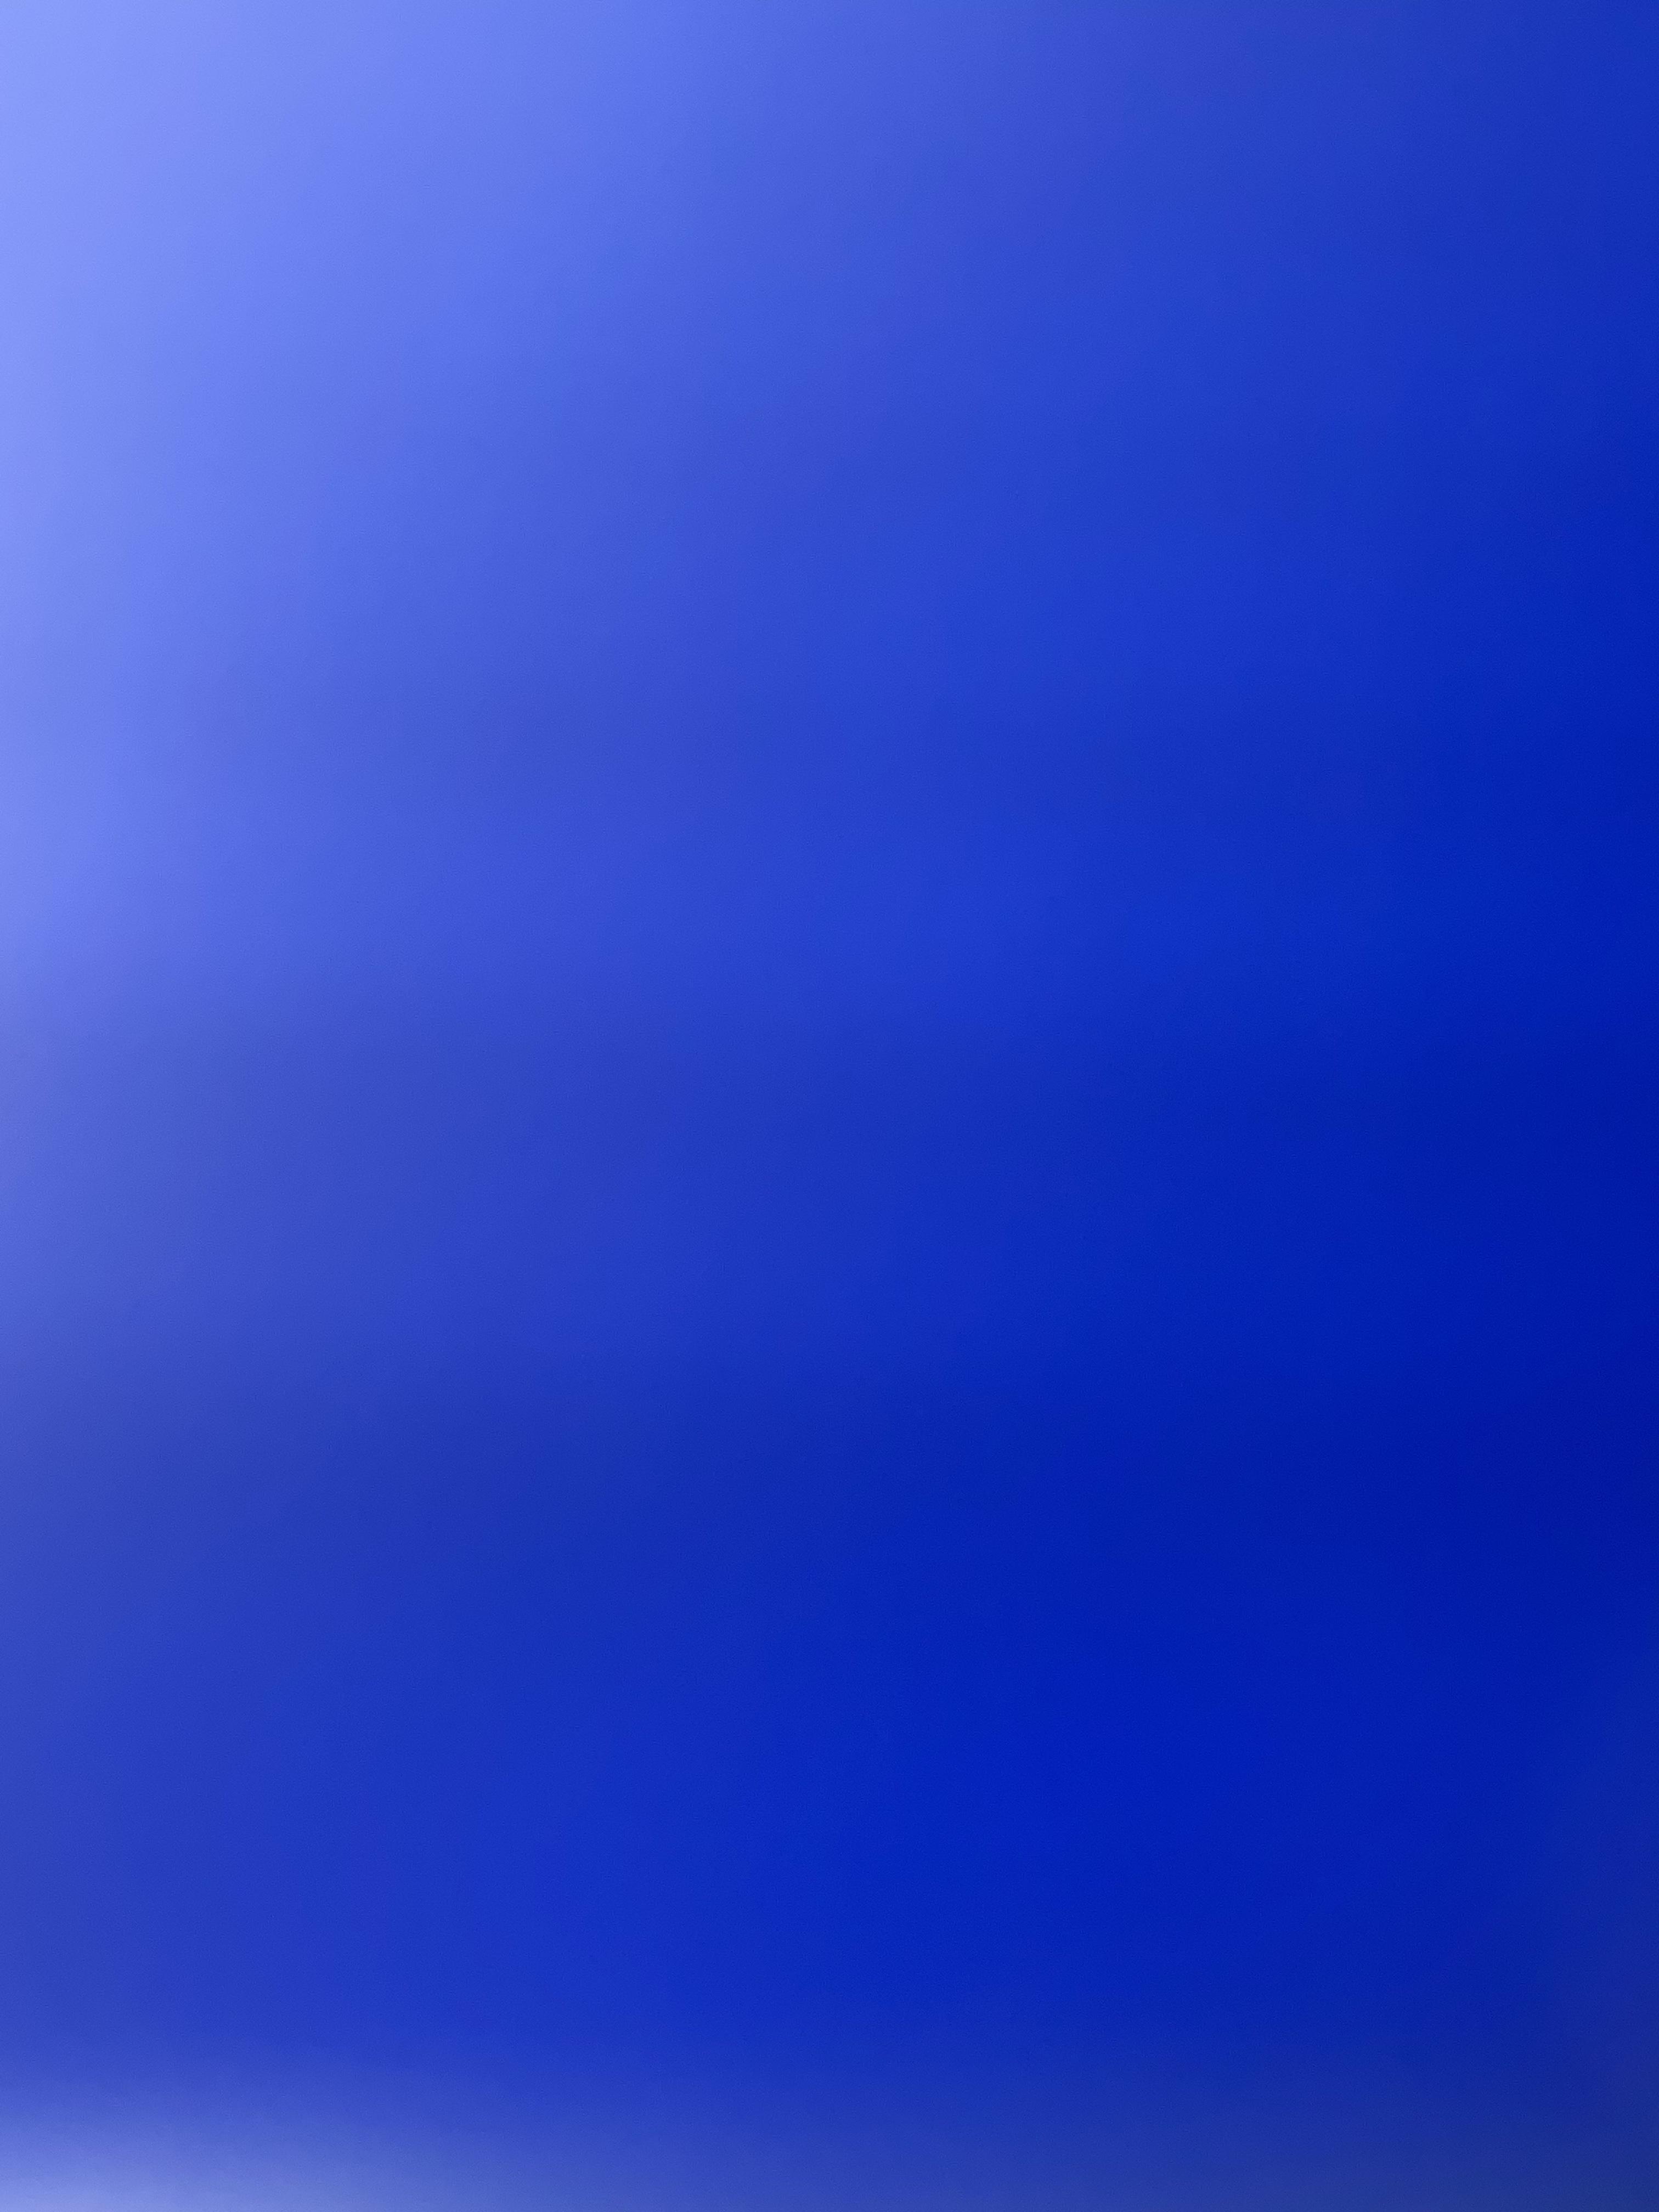 Susan blue